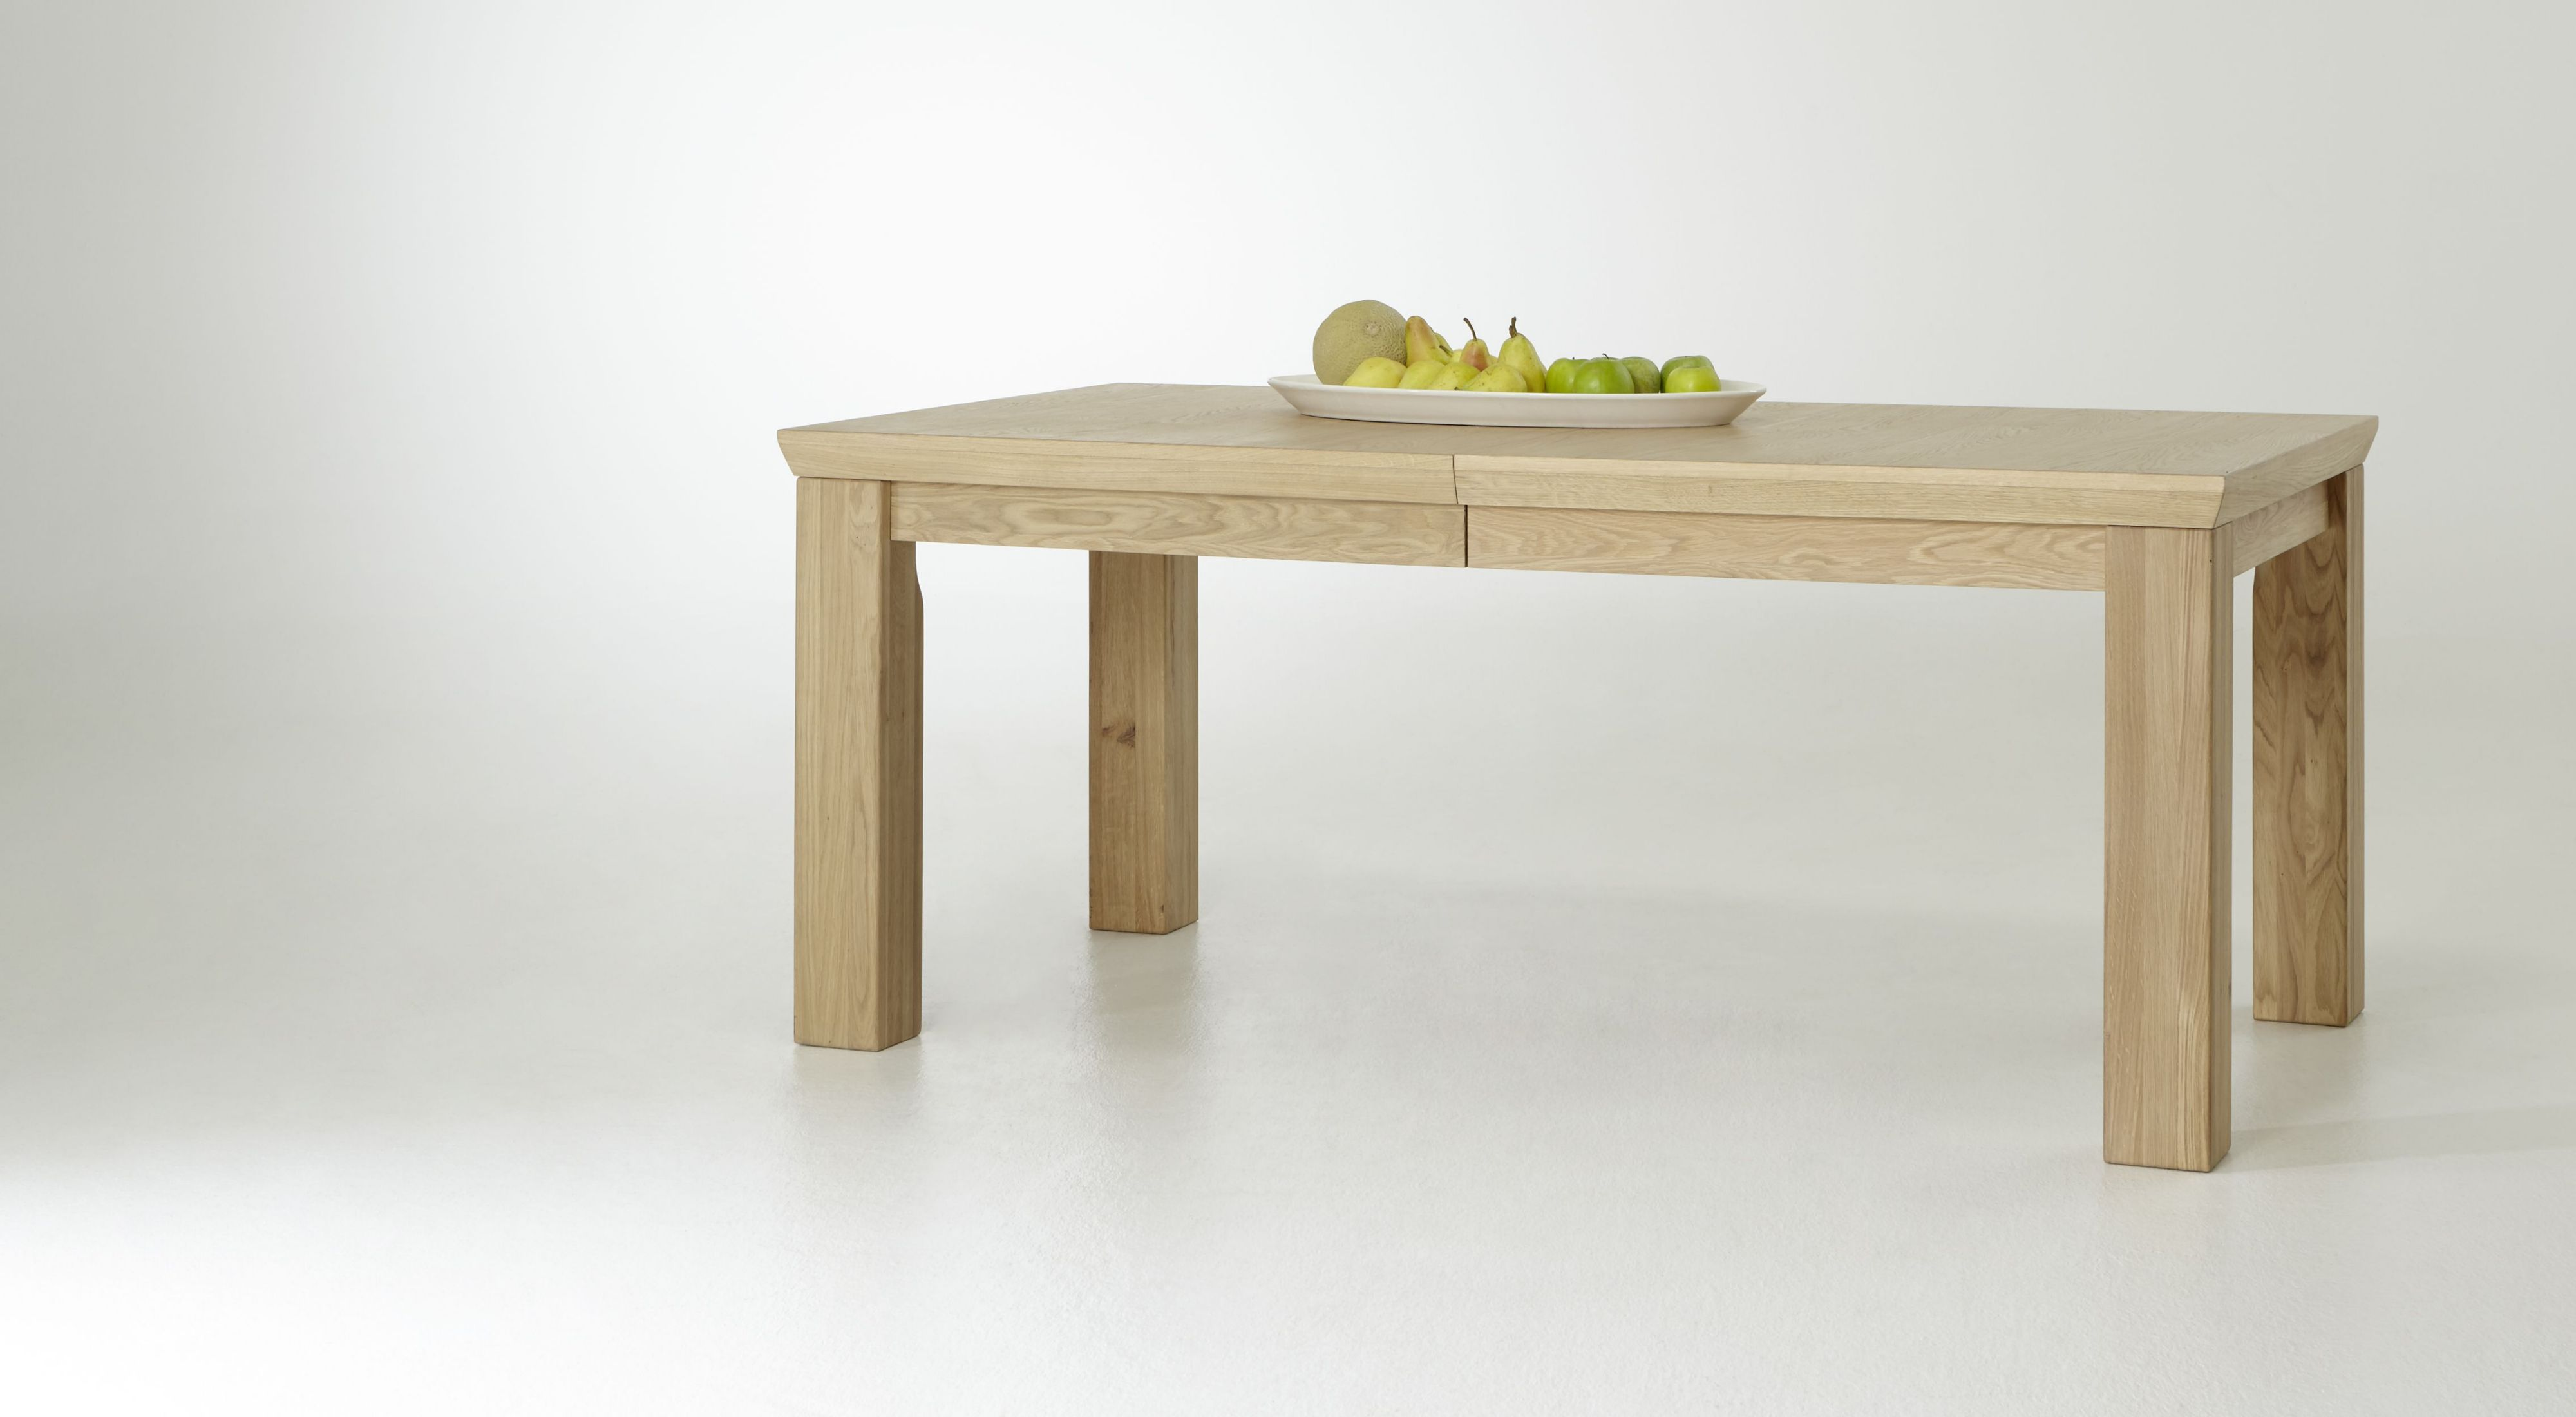 Ansprechend Holz Esstisch Ausziehbar Galerie Von 180 - 280 X 100 Cm Eiche